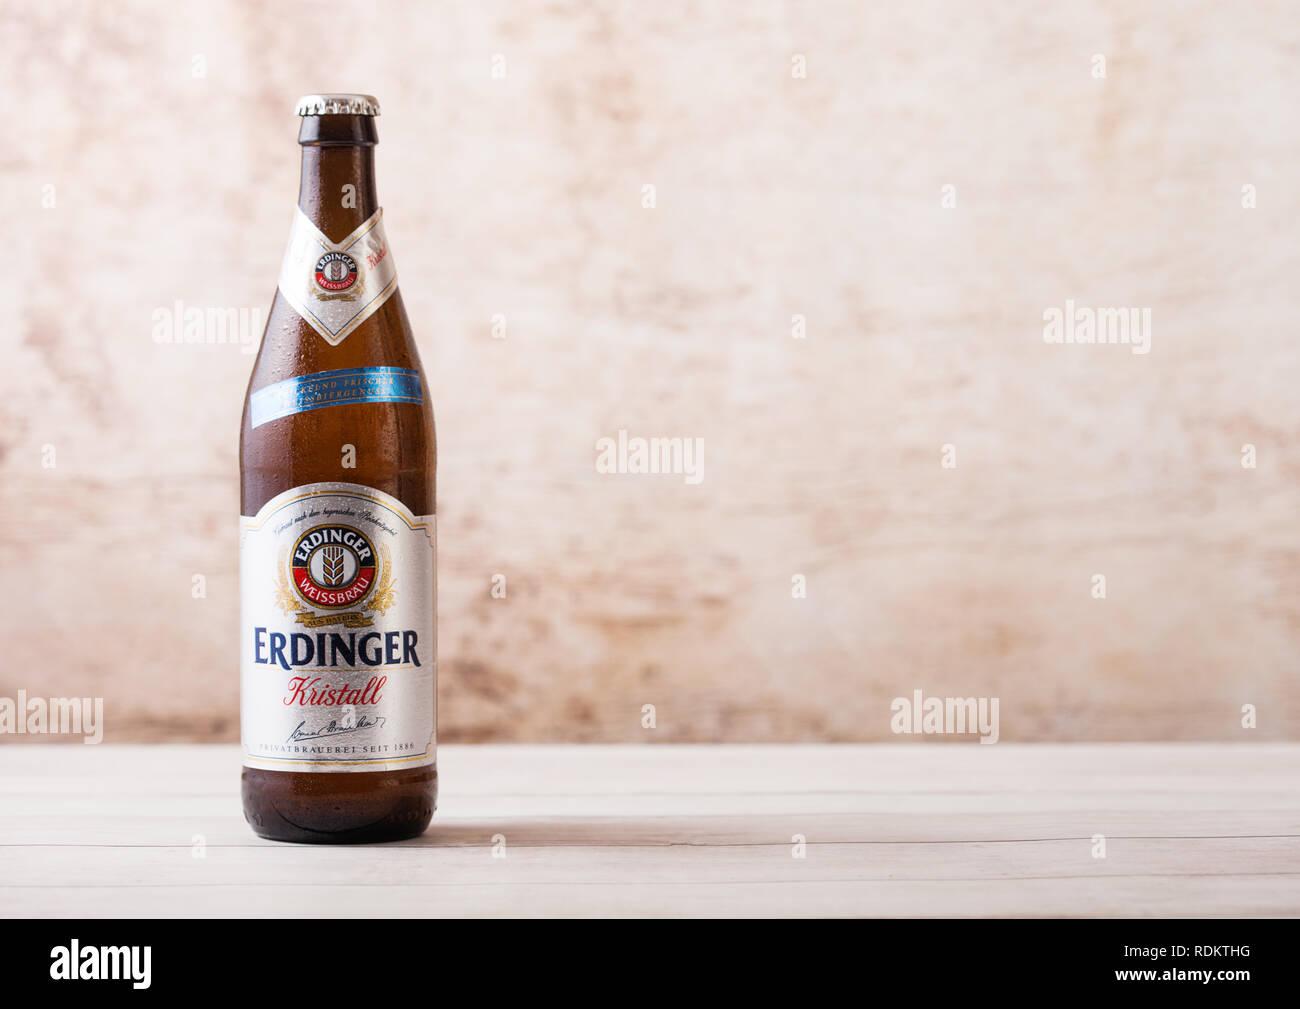 LONDON, UK, 15. JANUAR 2019: Flasche Erdinger Kristall Bier auf Holz- Hintergrund. Erdinger ist das Produkt der weltweit größten Weißbierbrauerei Stockbild